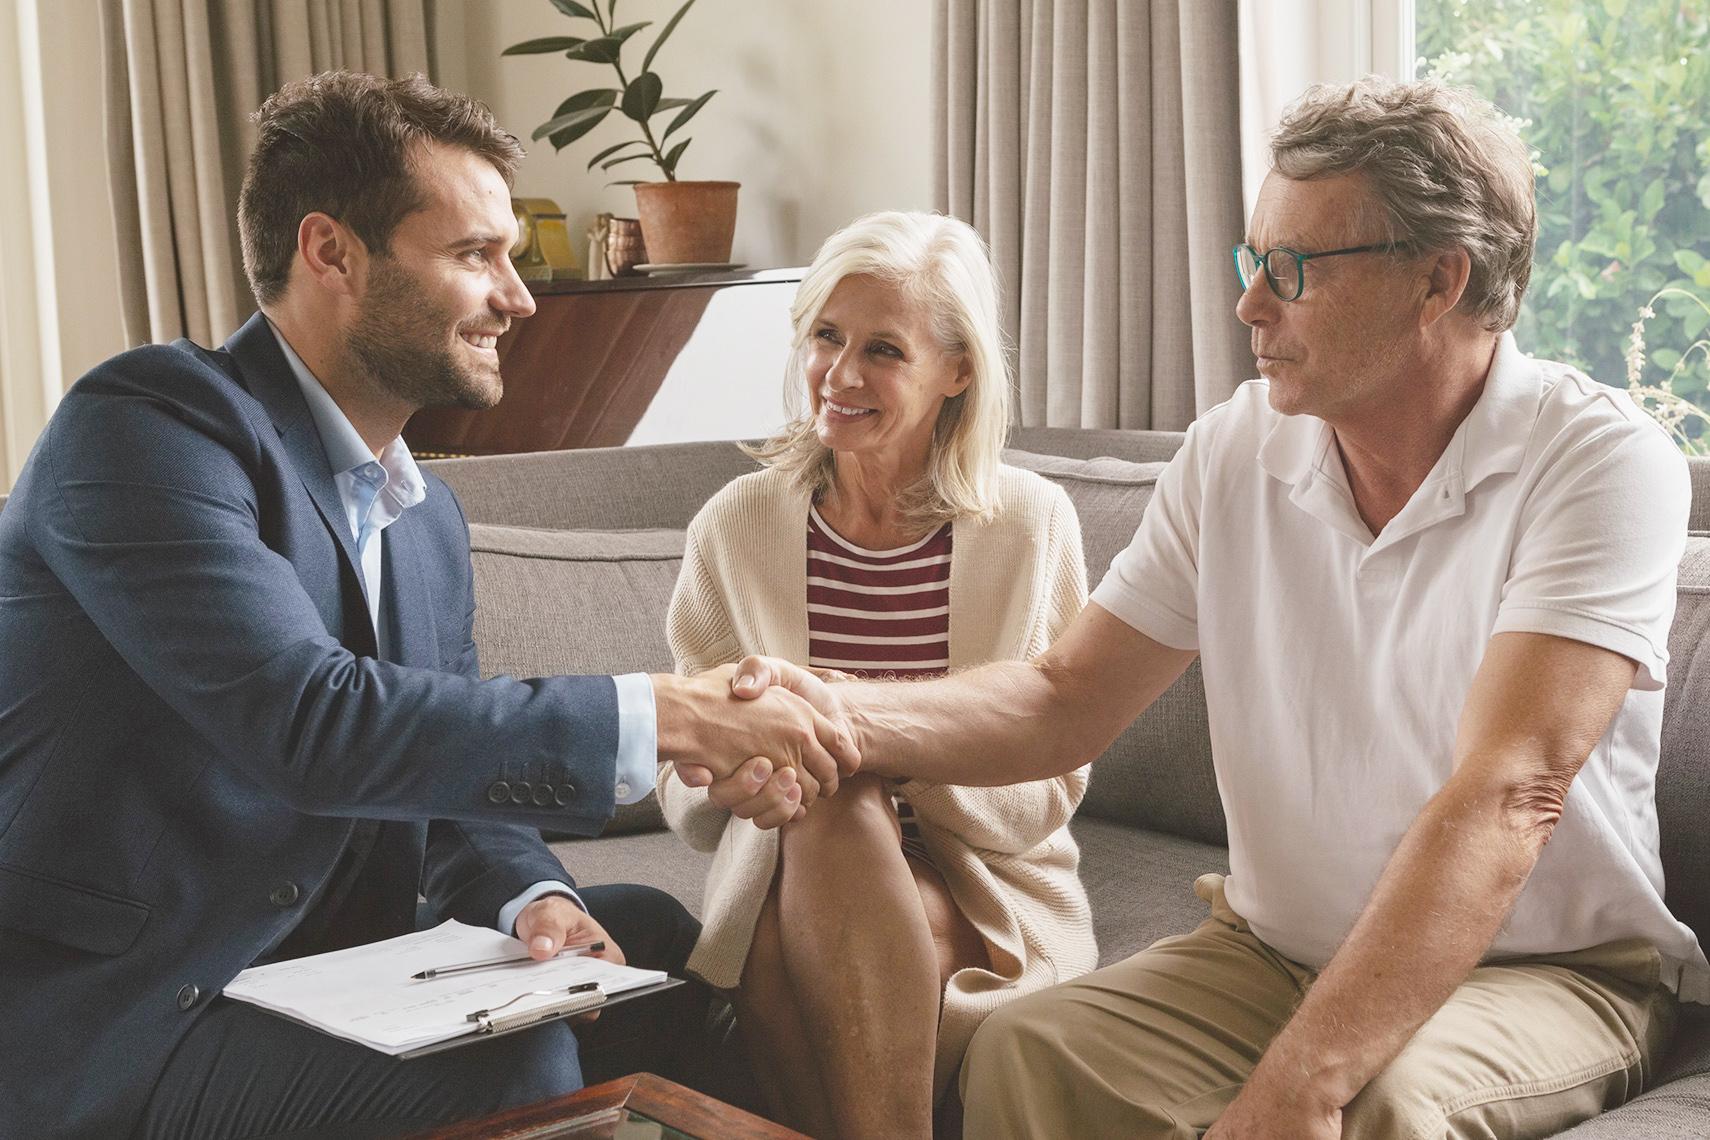 Agente immobiliare stringe la mano ad alcuni clienti